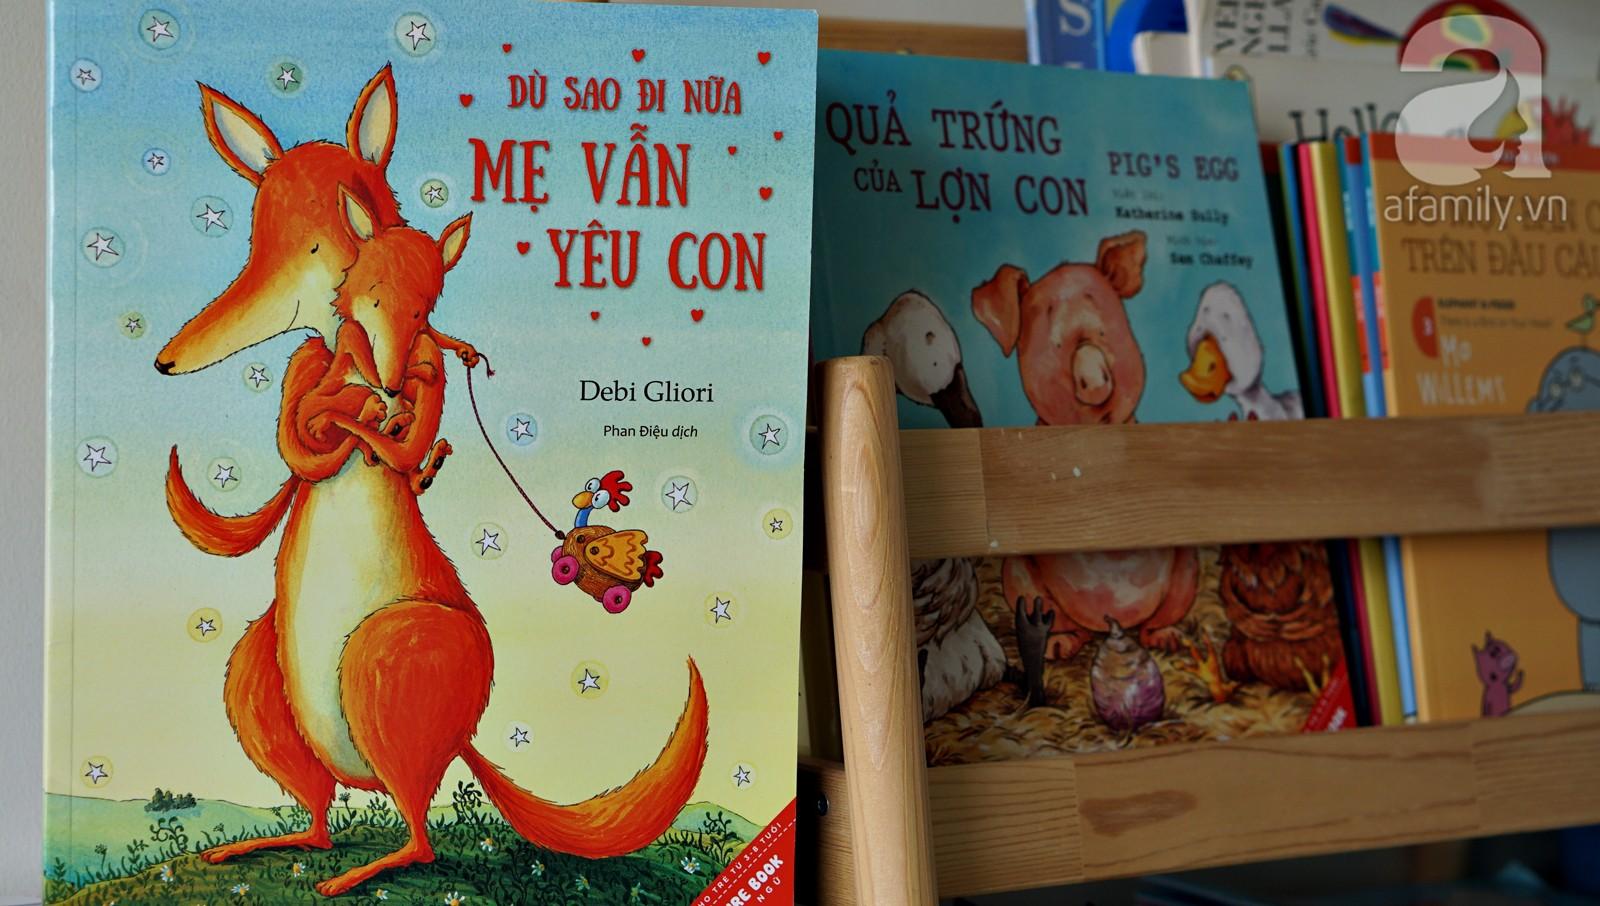 Muốn con học siêu tiếng Anh từ nhỏ, bố mẹ không thể bỏ qua những cuốn sách song ngữ này! - Ảnh 7.